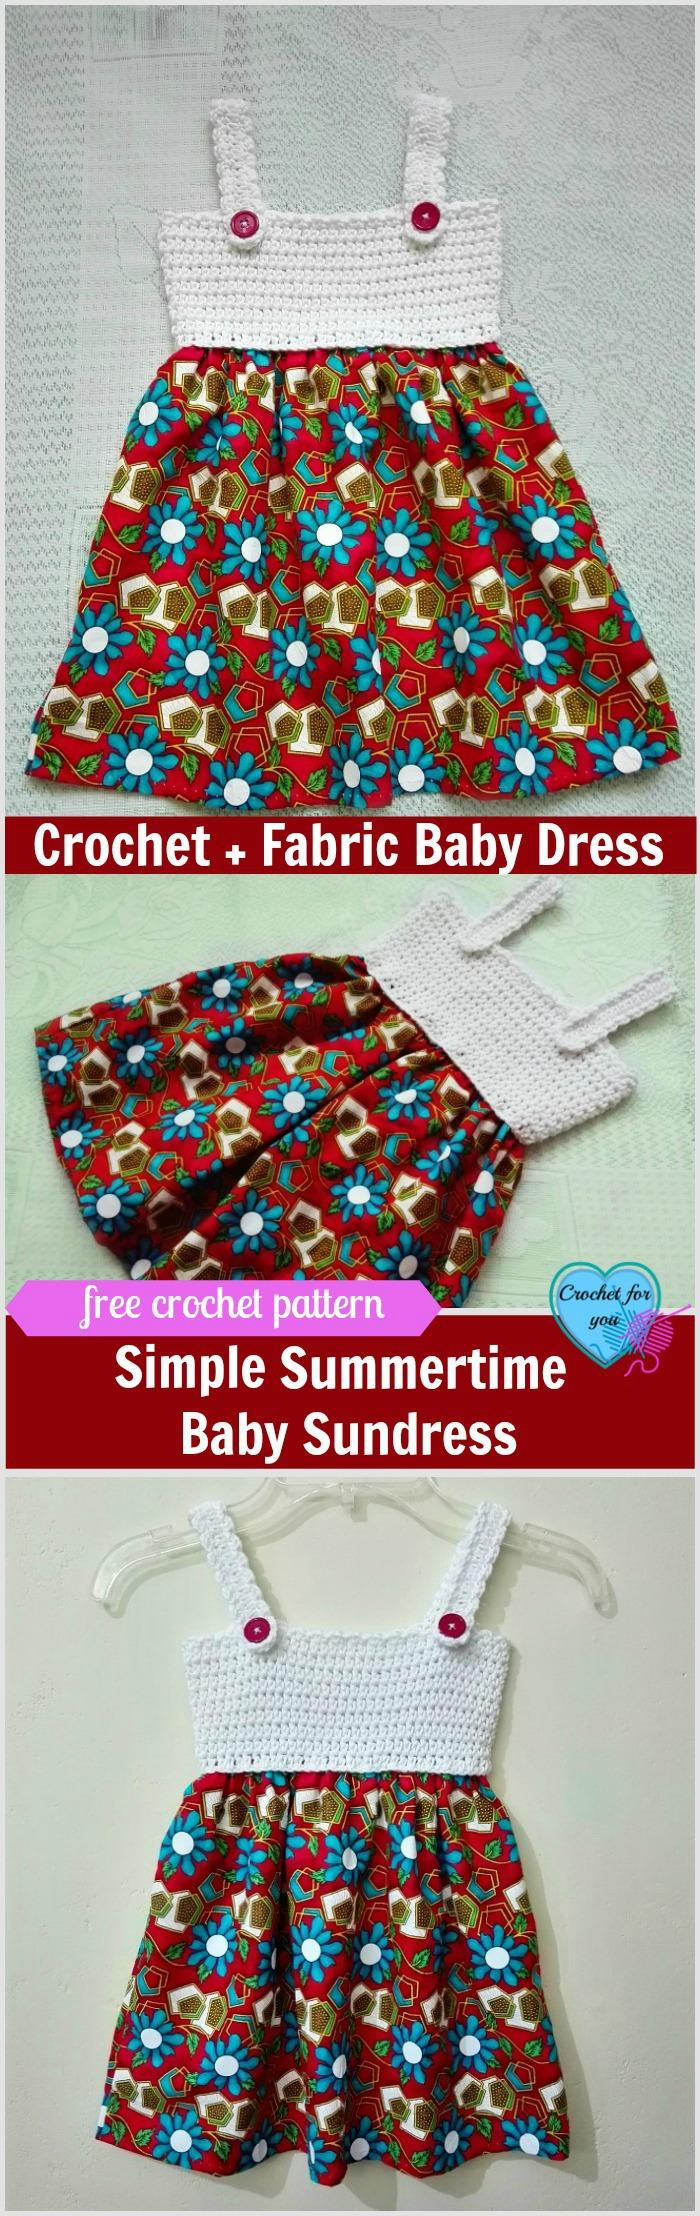 Simple Summertime Baby Sundress Free Crochet Pattern-Crochet For You